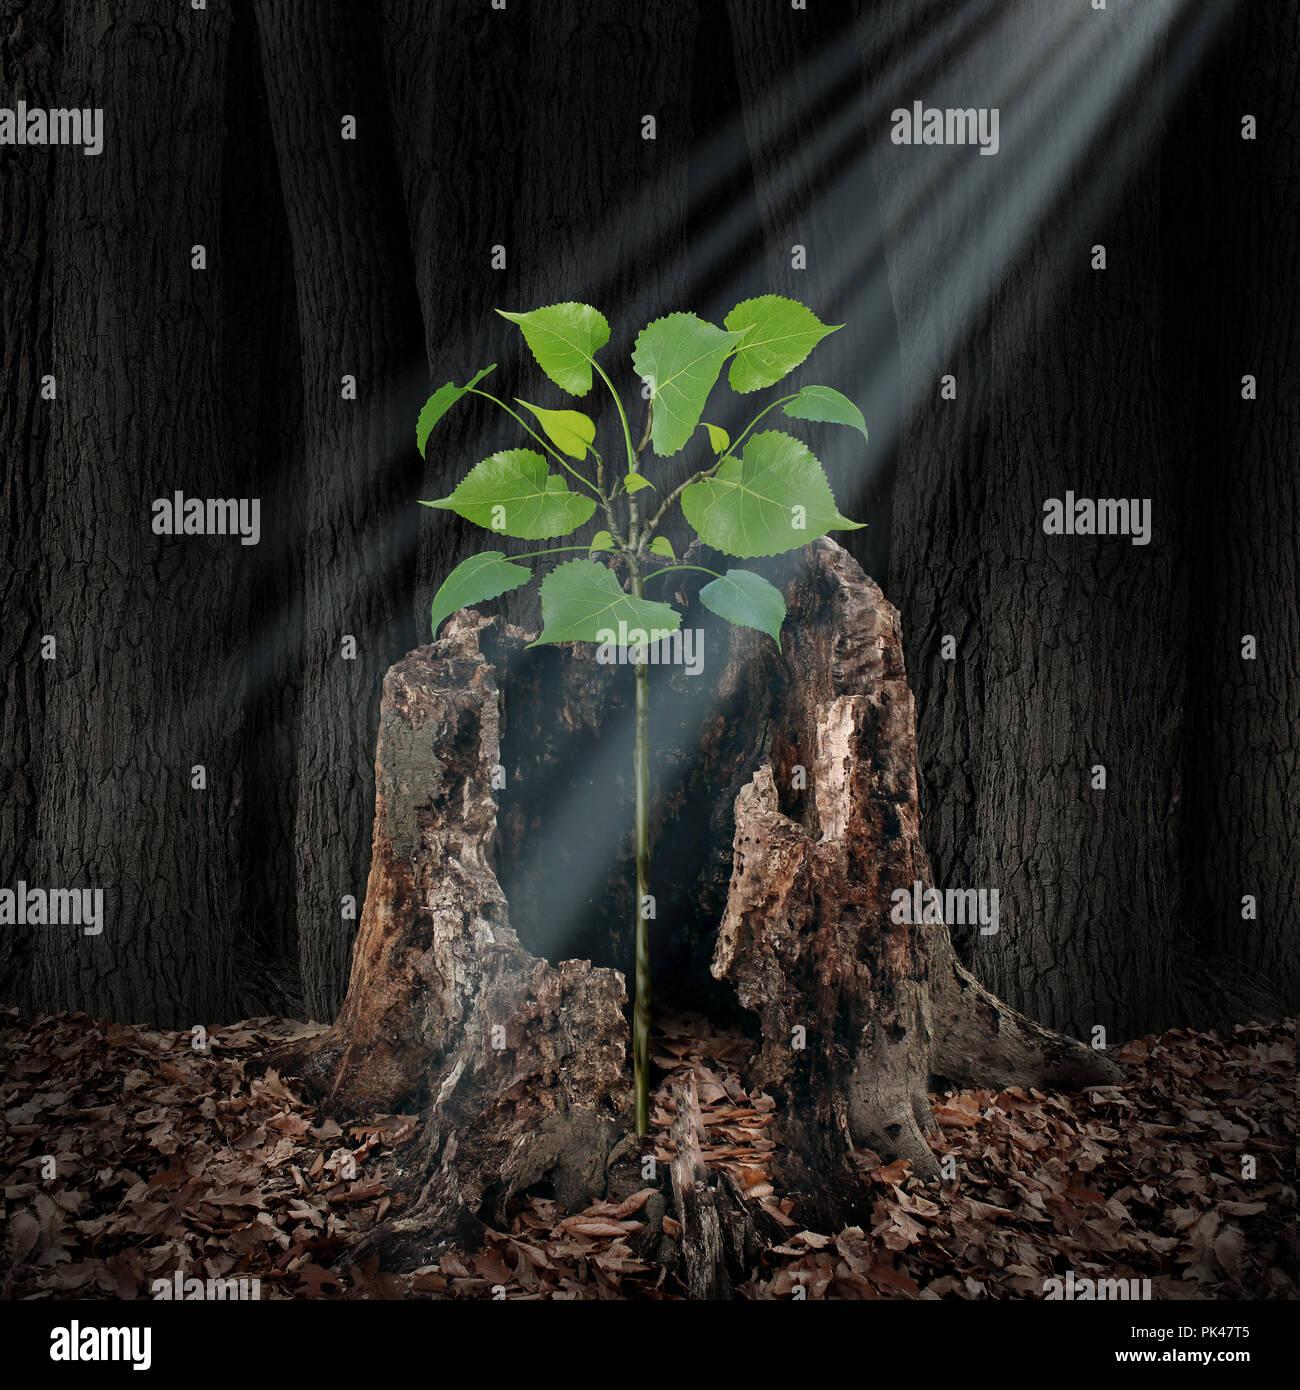 Glauben und glauben Konzept wie ein Strahl aus Licht von oben auf ein Bäumchen wächst aus einem toten Baum als Hoffnung und Spiritualität Idee. Stockbild